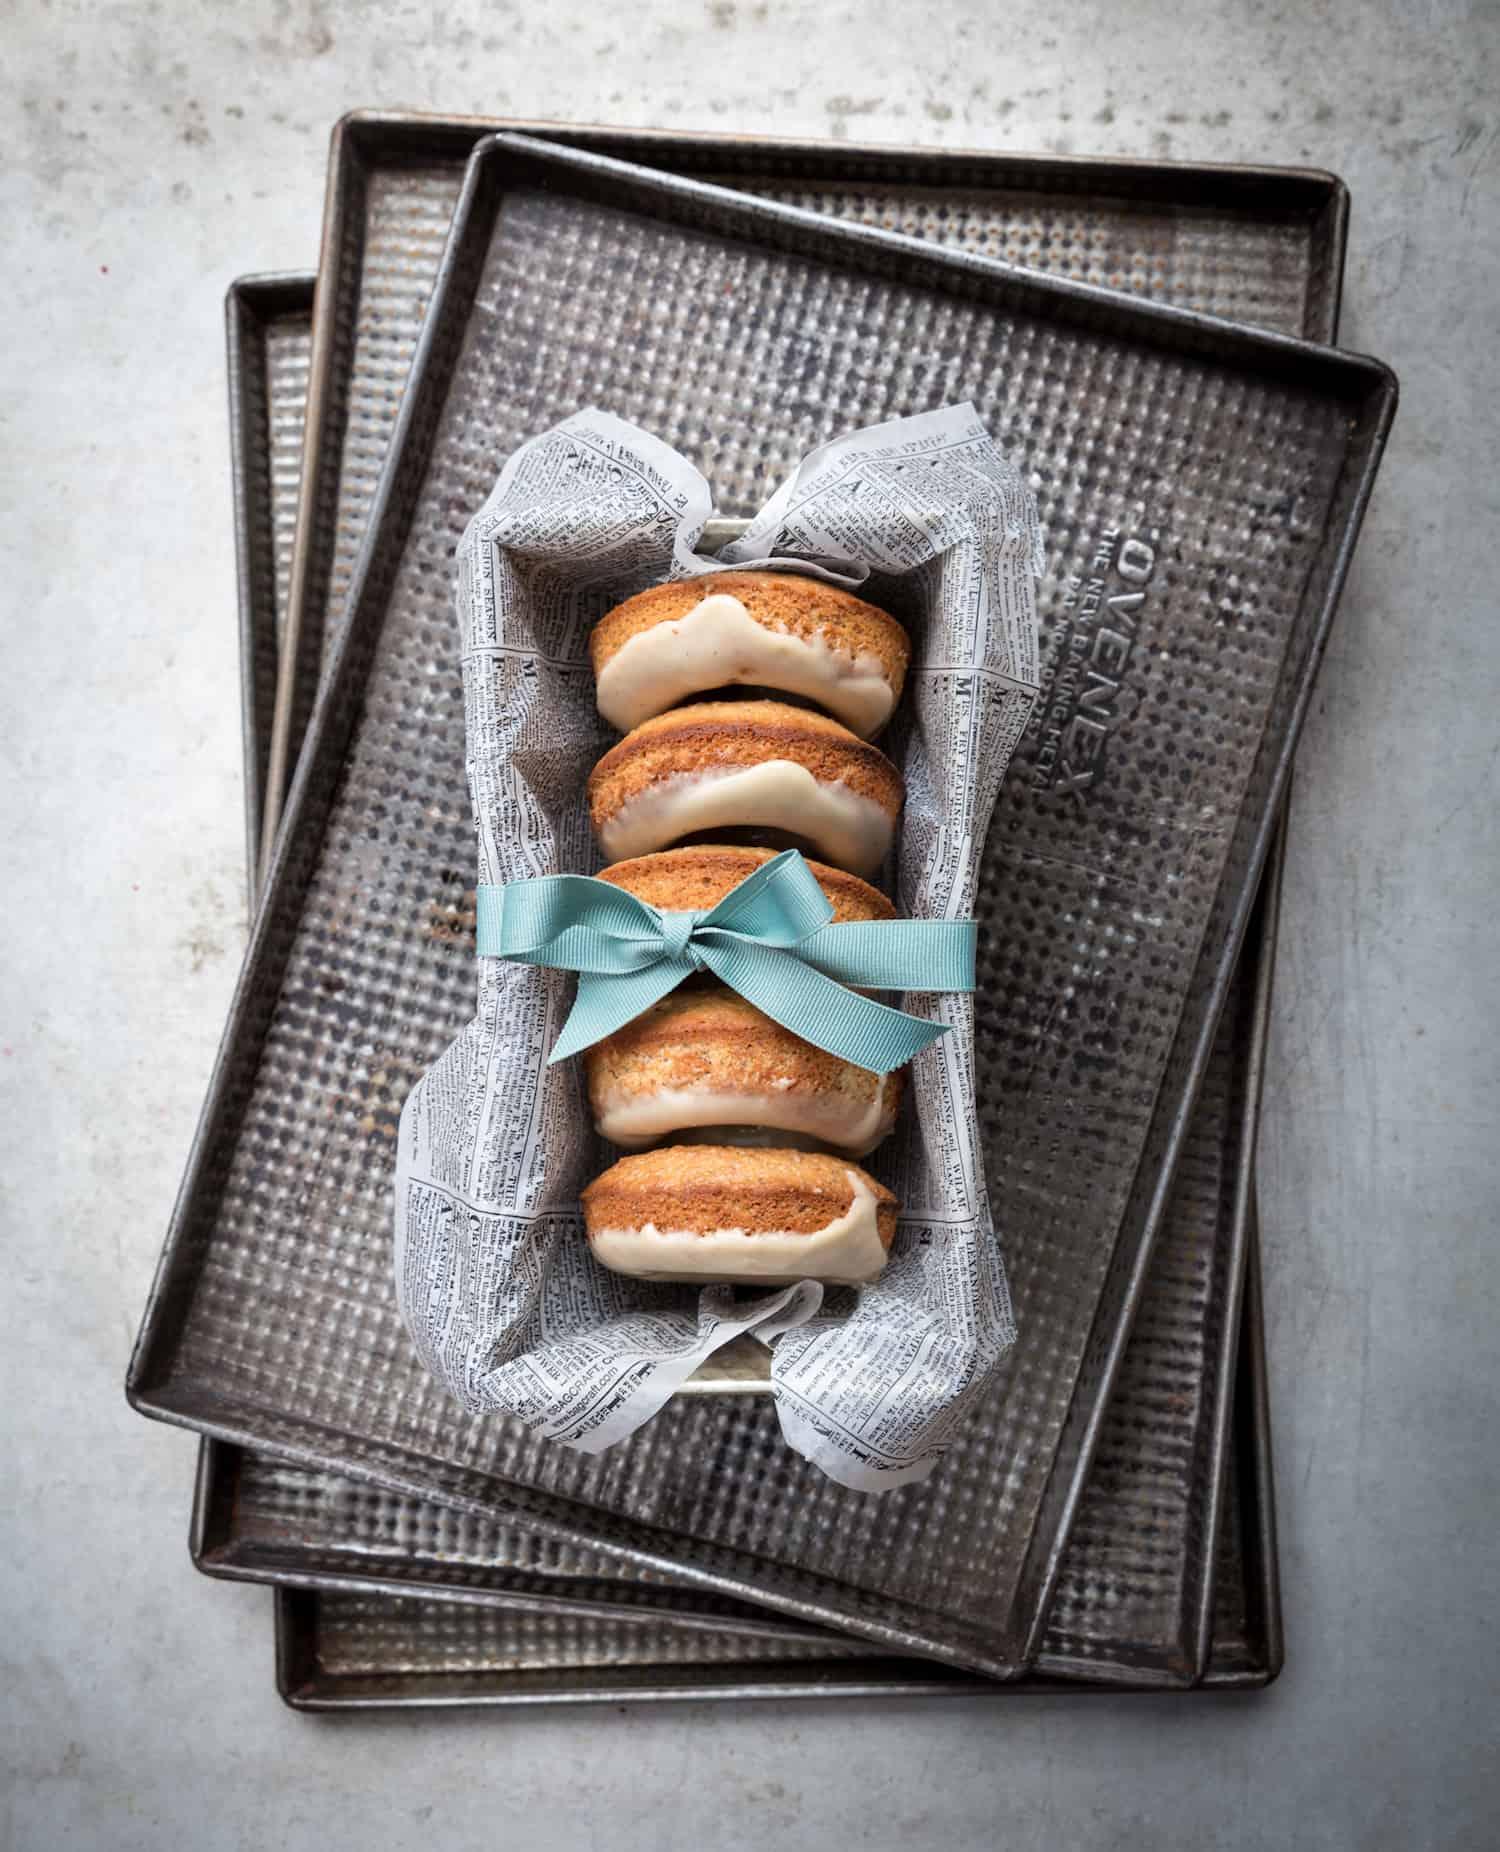 doughnuts Mari Moilanen